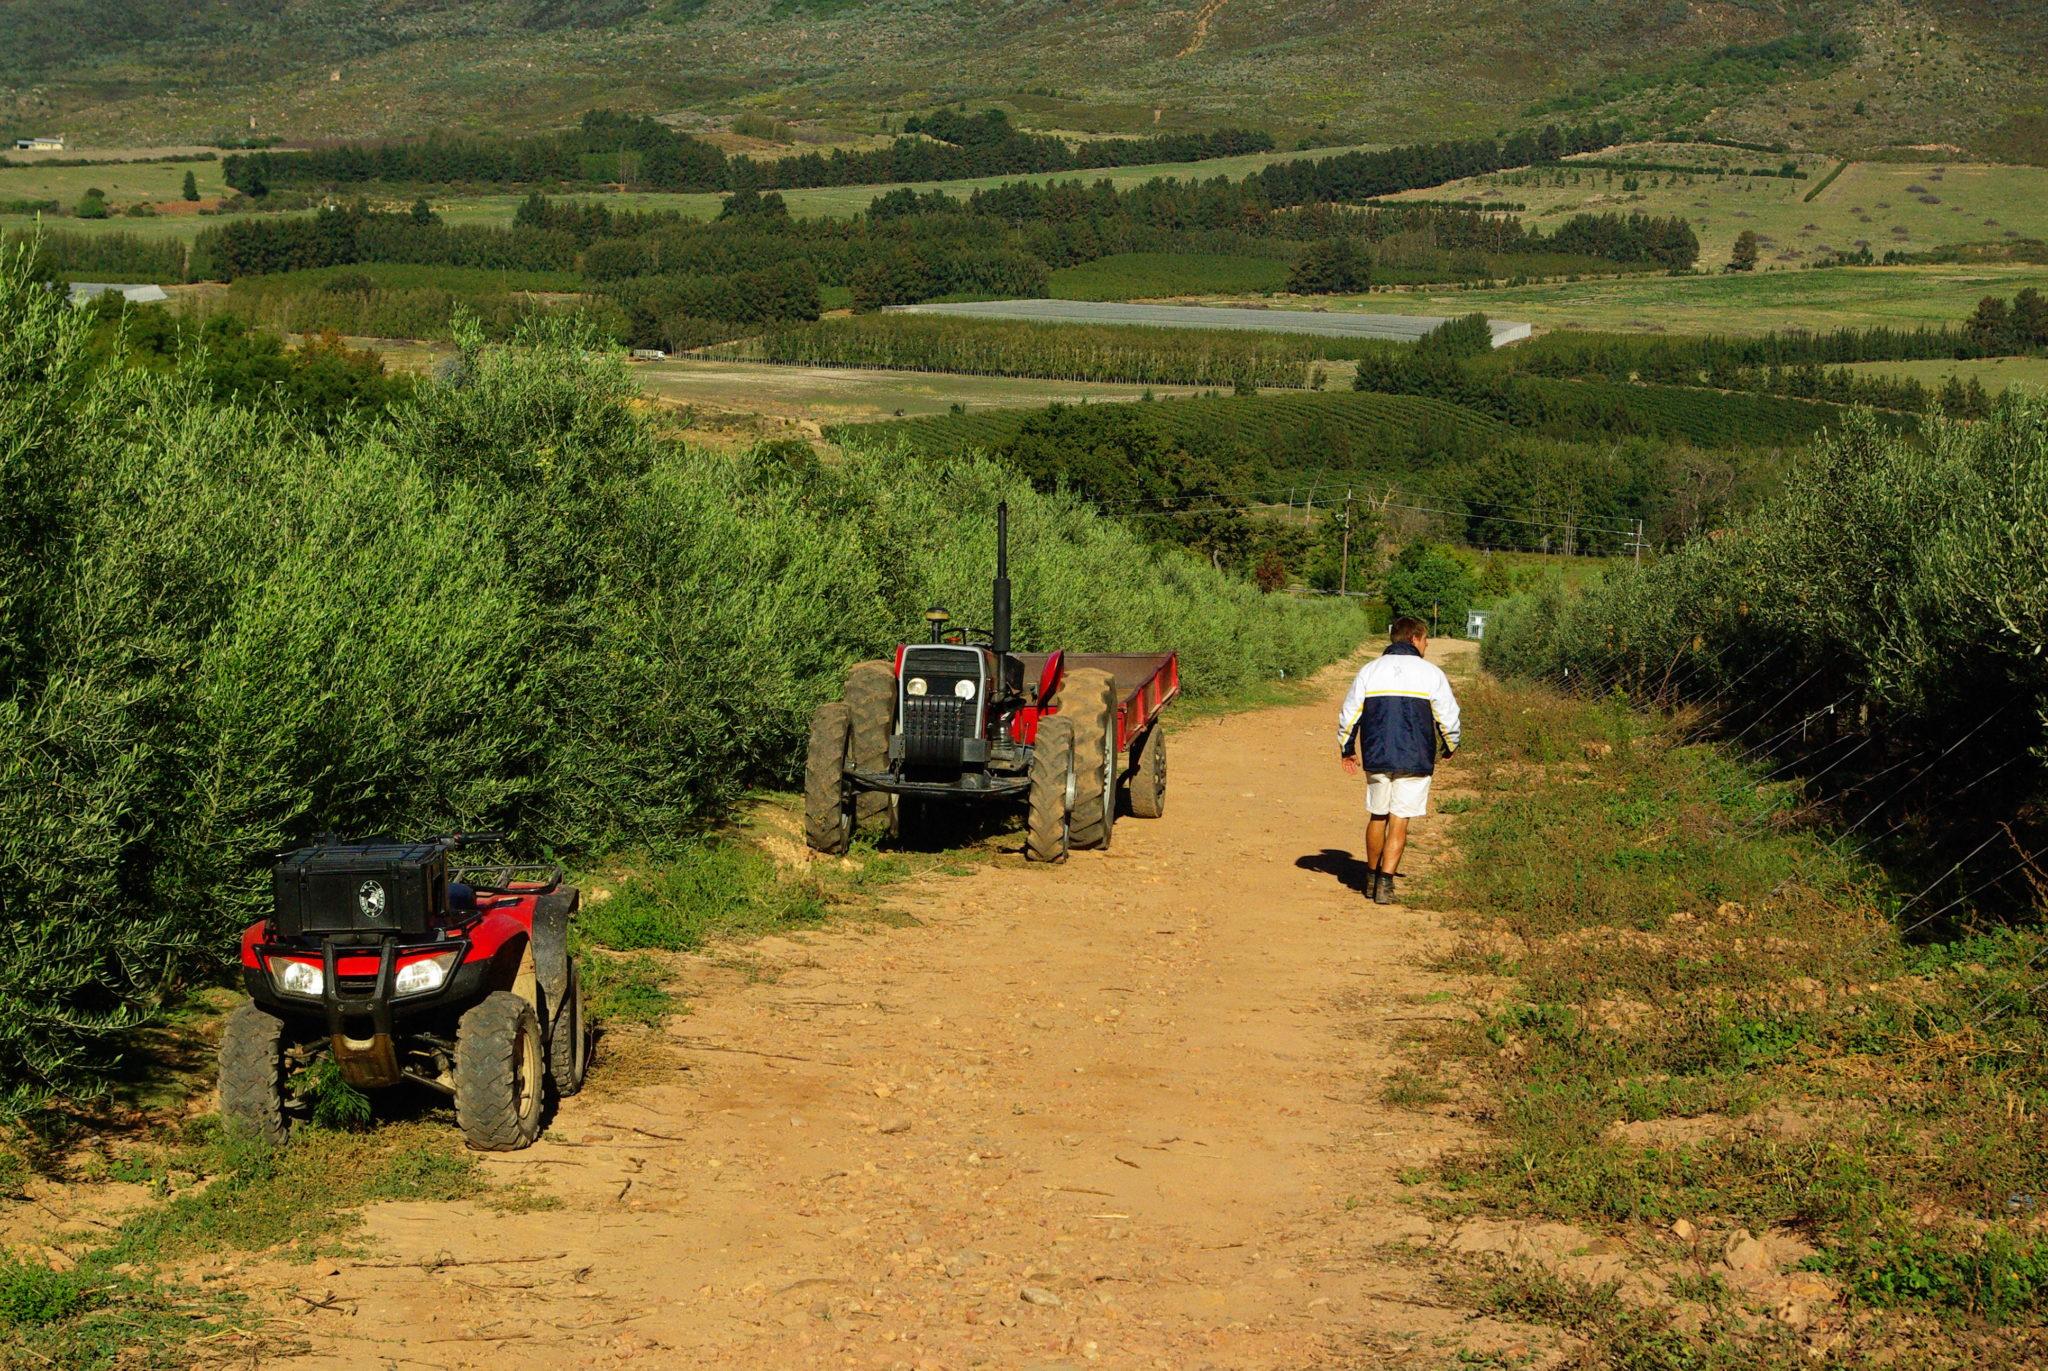 Oakhurst Olives Farm